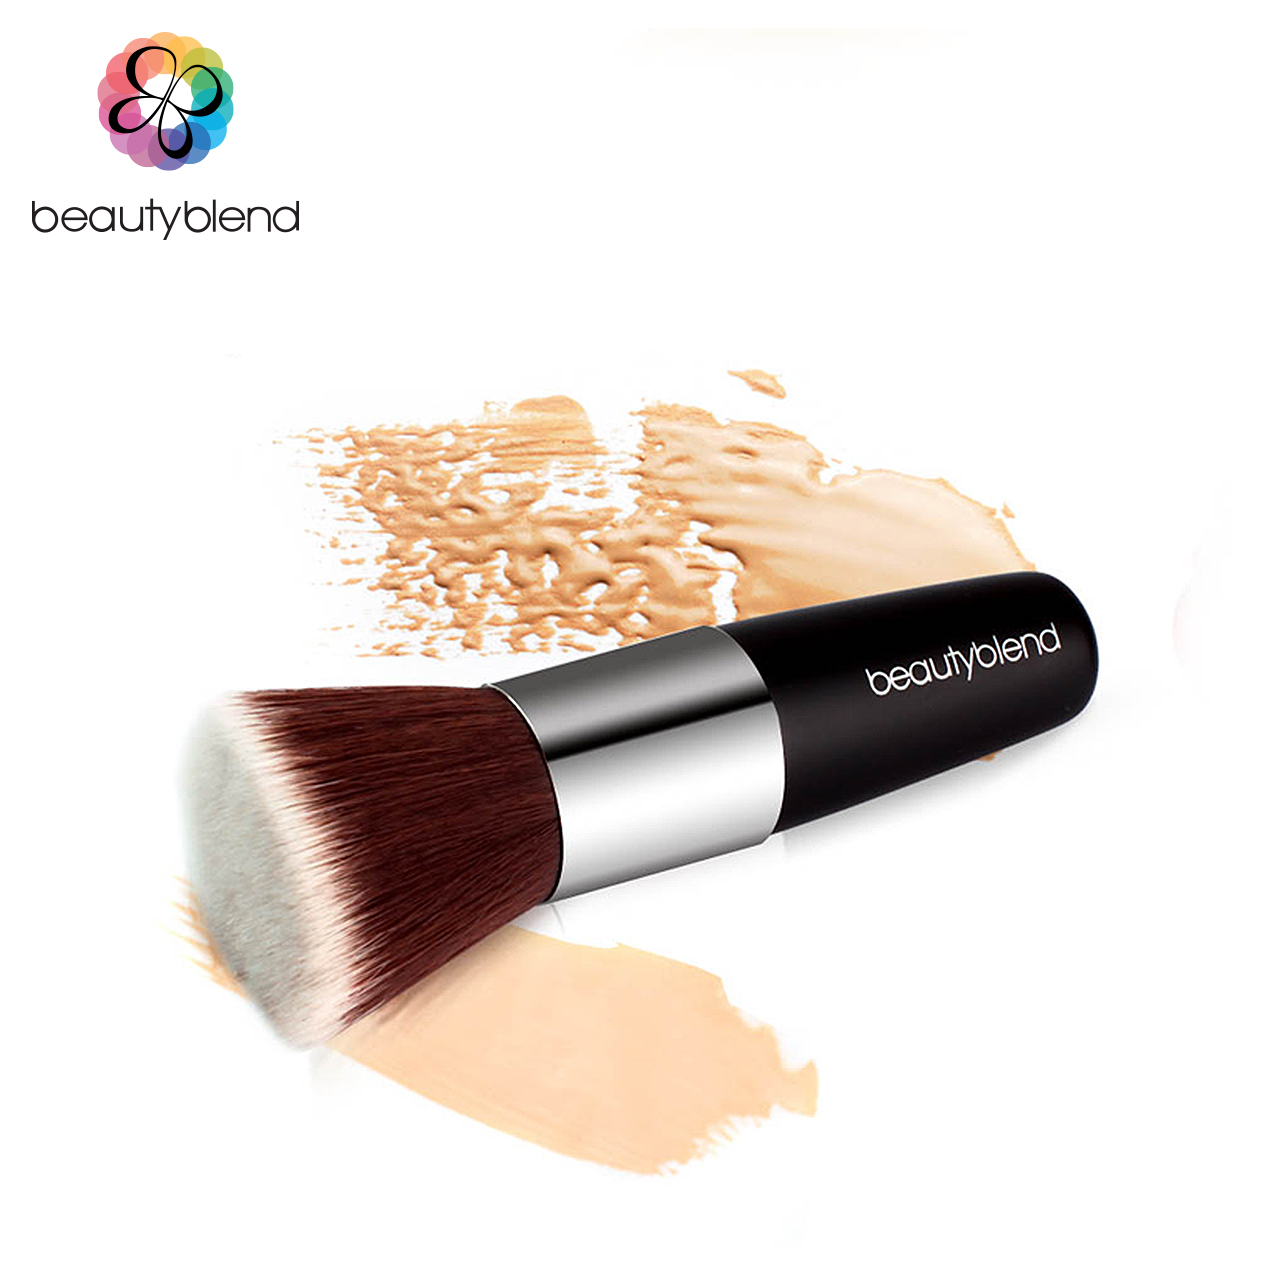 Белл заложен плоский, плоский фонд кисти румяна макияж кисти инструмента Кисть для закраски косметические кисти макияж